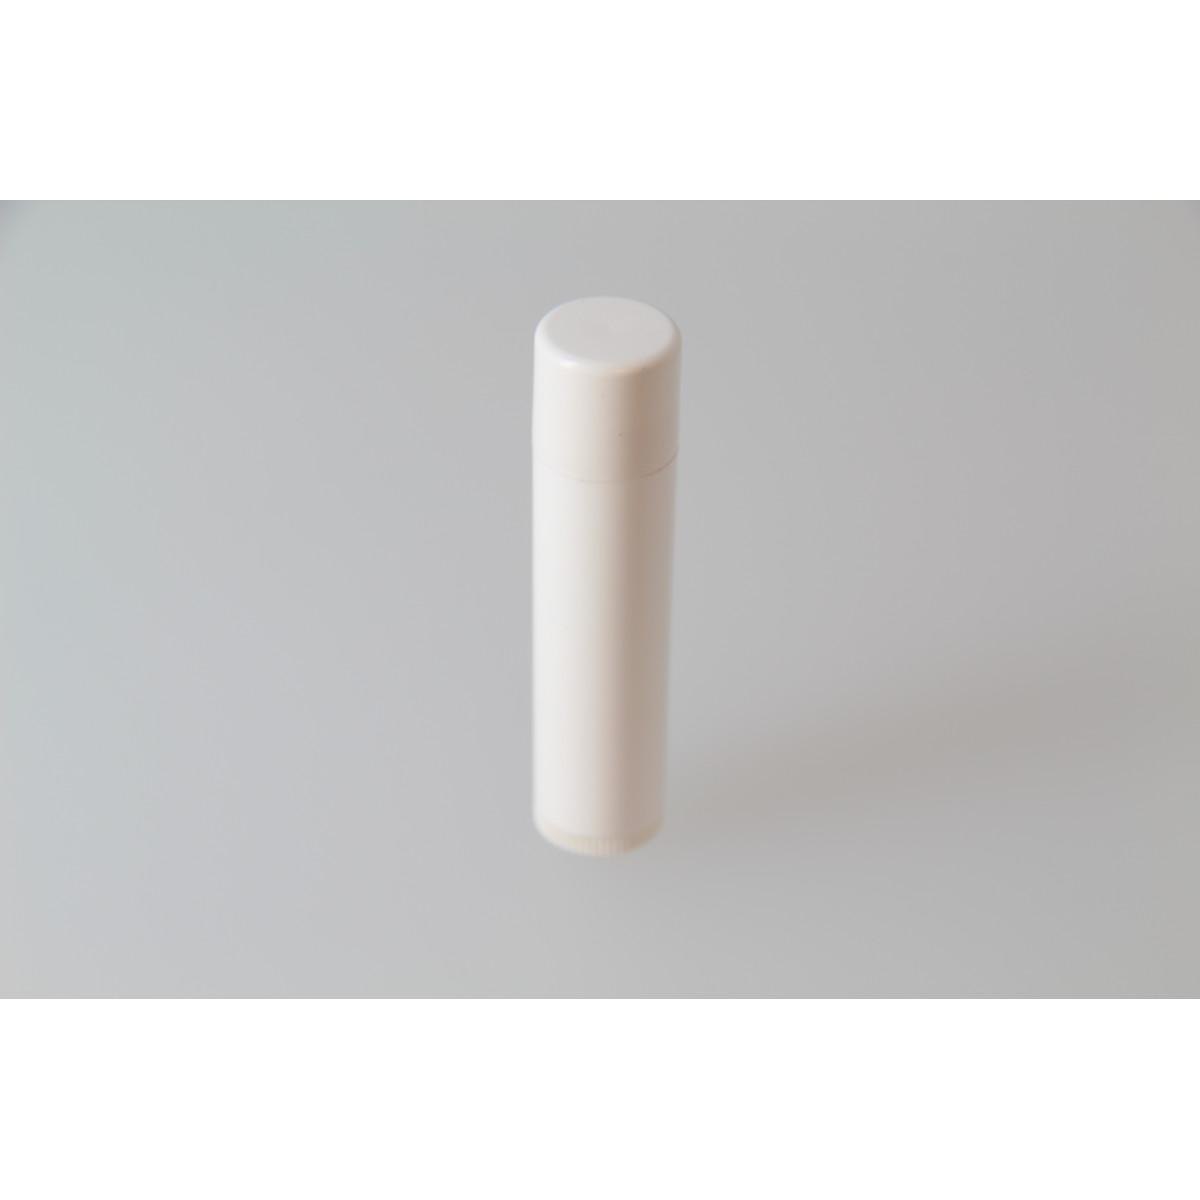 Tube baume à lèvres blanc lot de 5